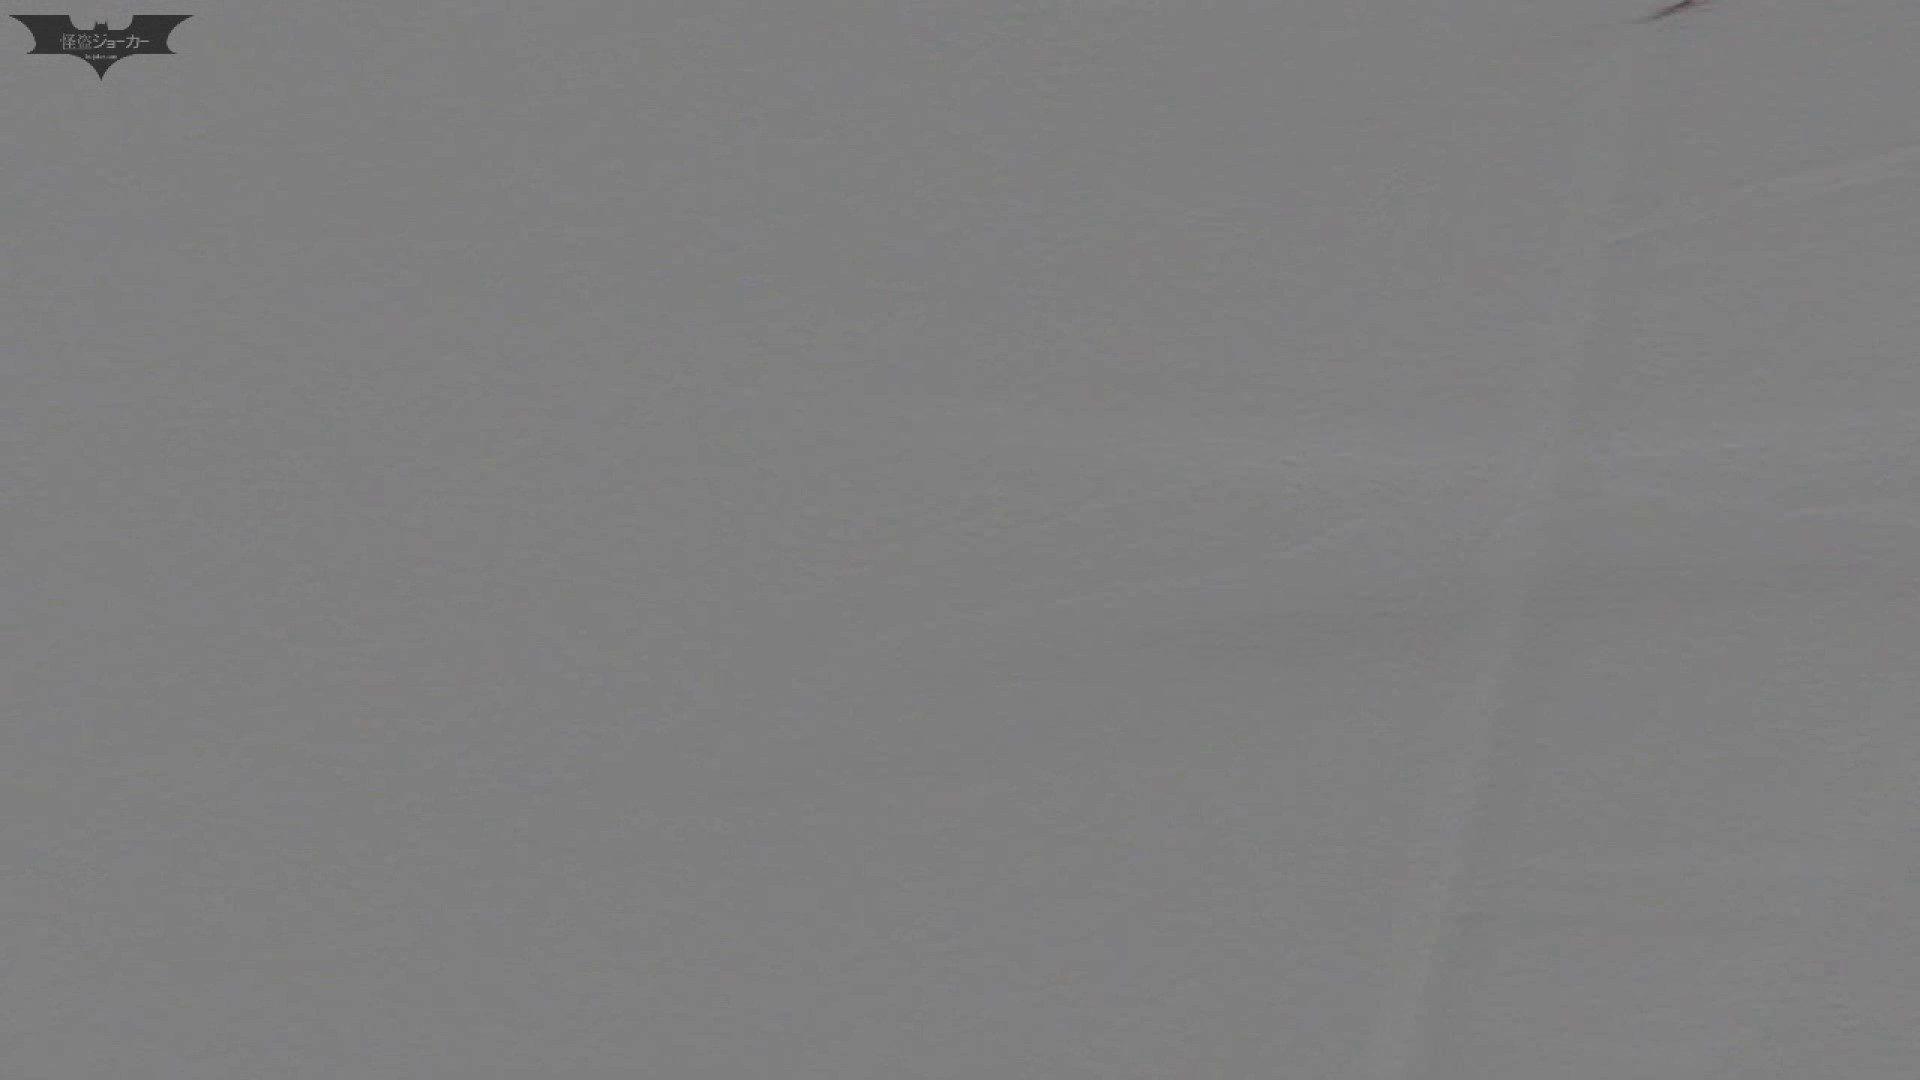 【期間・個数限定配信】 マンコ丸見え!第三体育館潜入撮File001 期間限定   マンコ特集  77連発 74